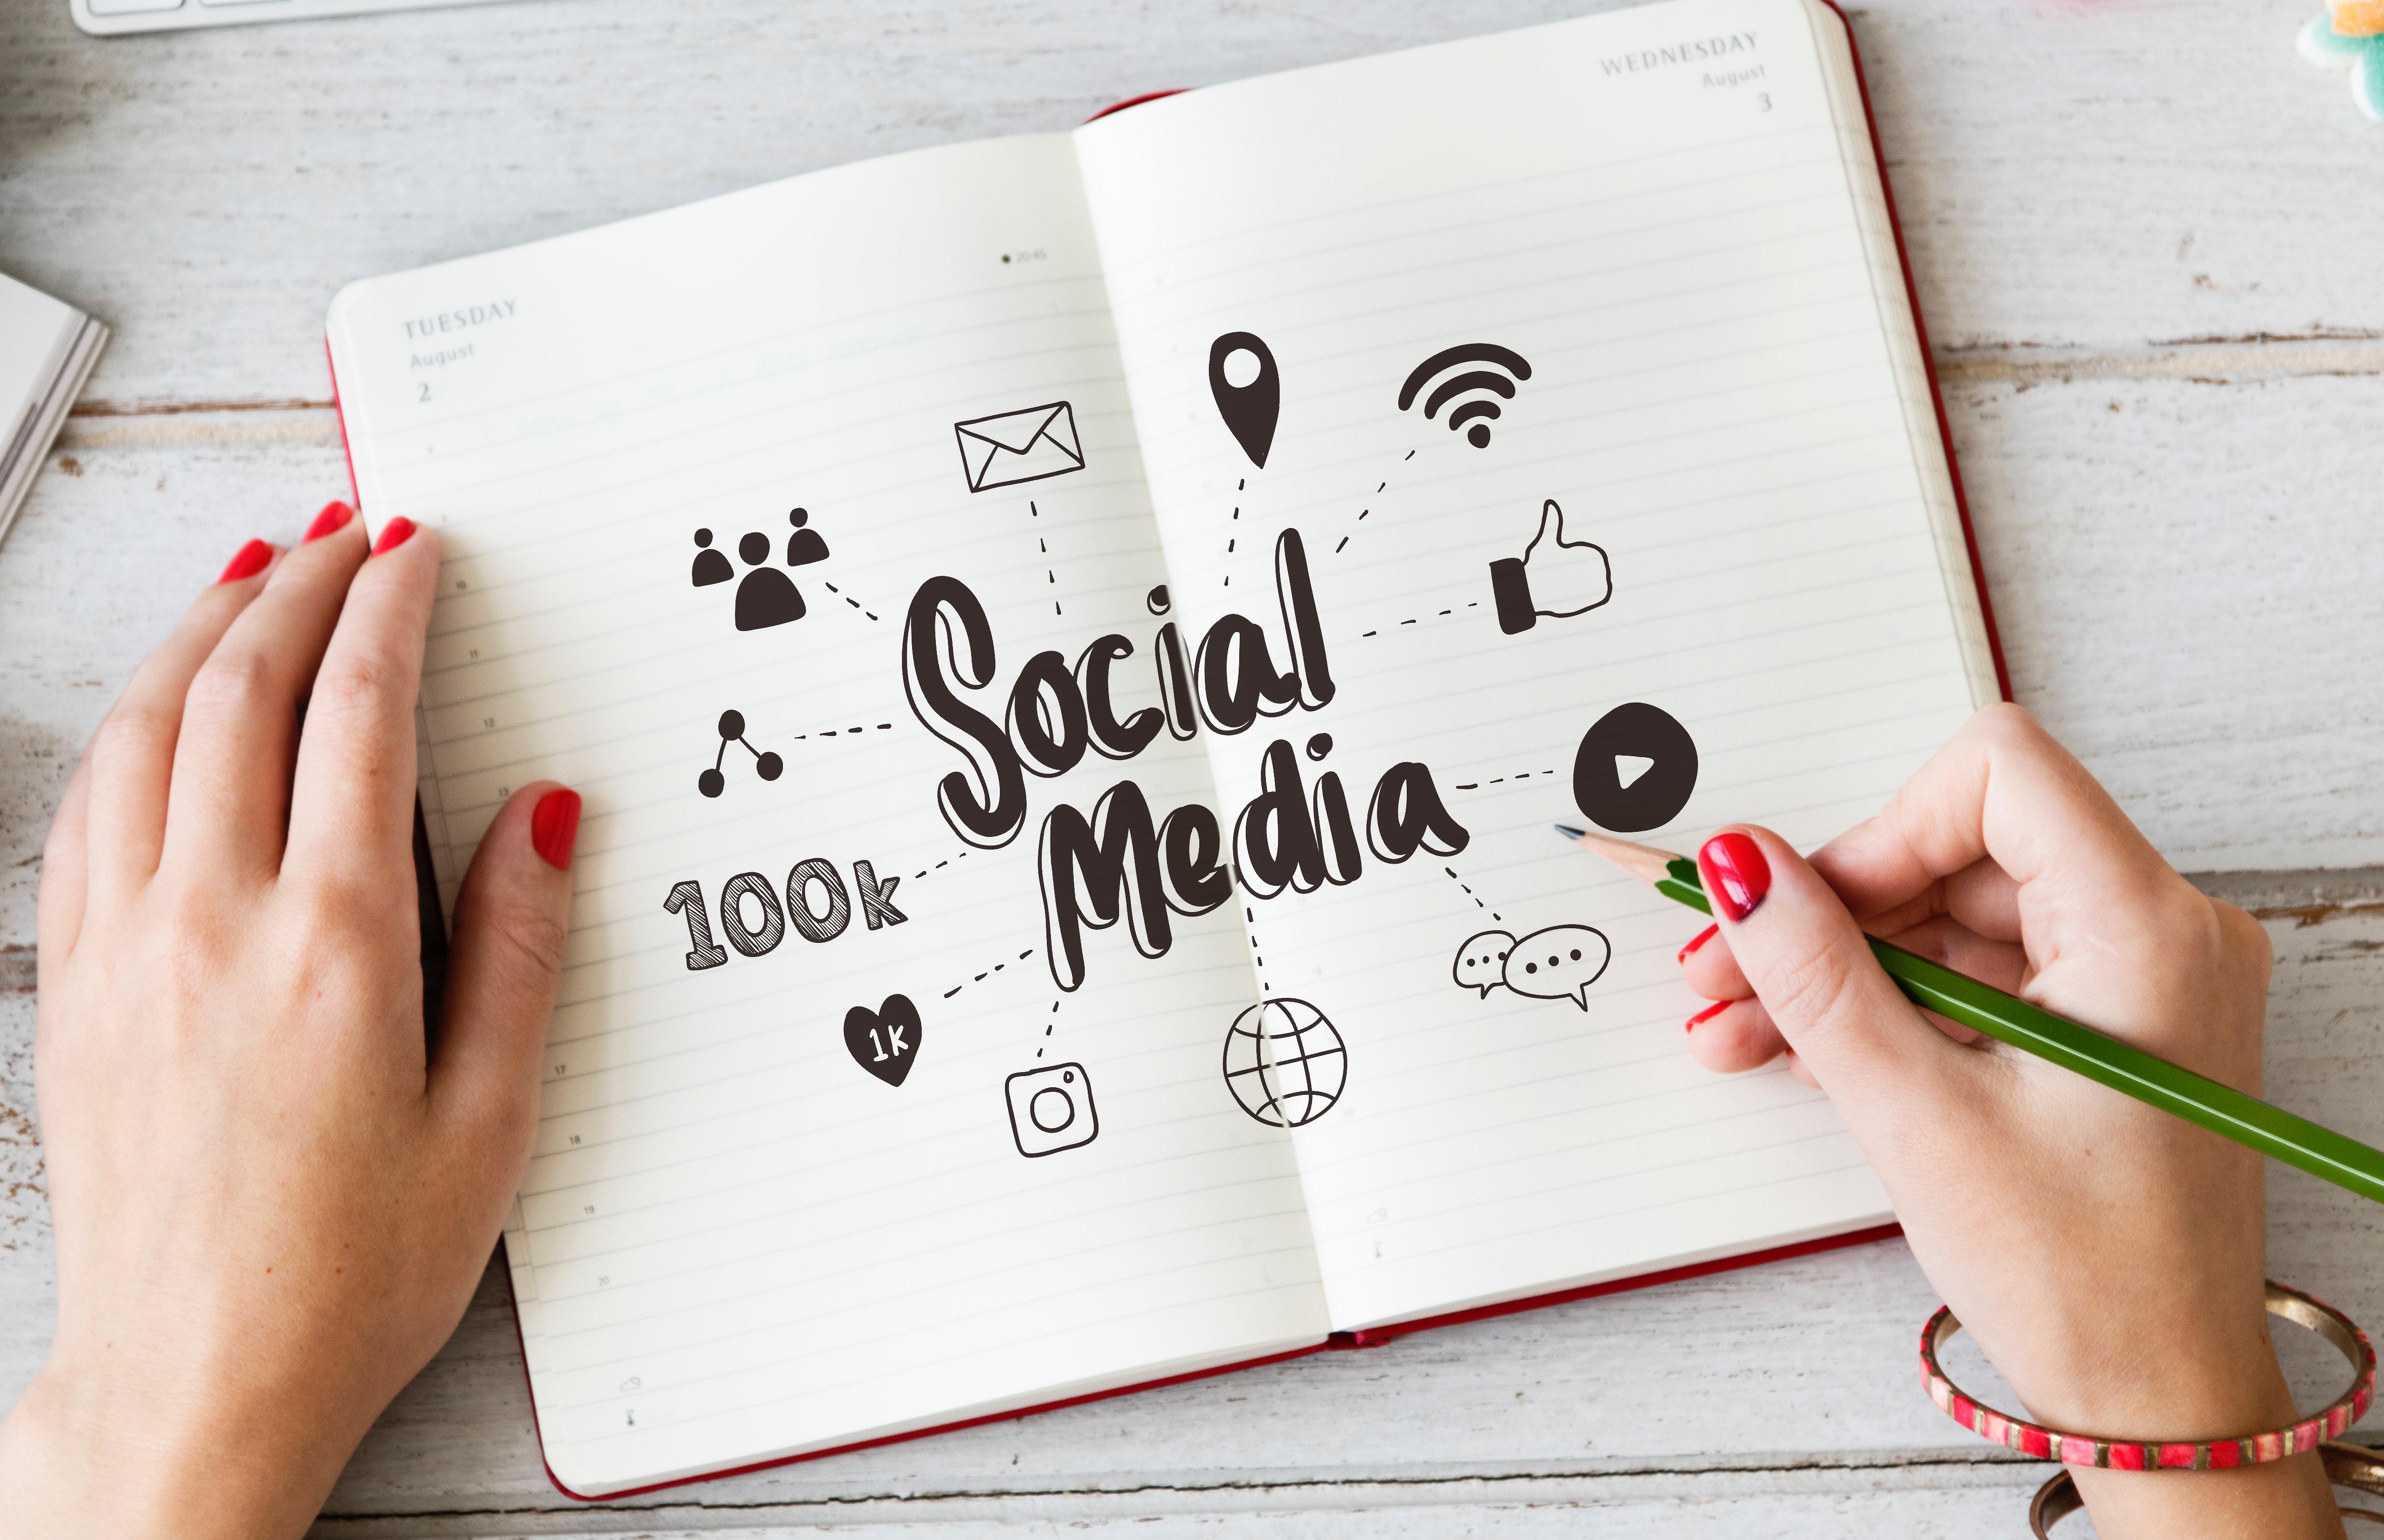 Rozbiehame sociálne siete